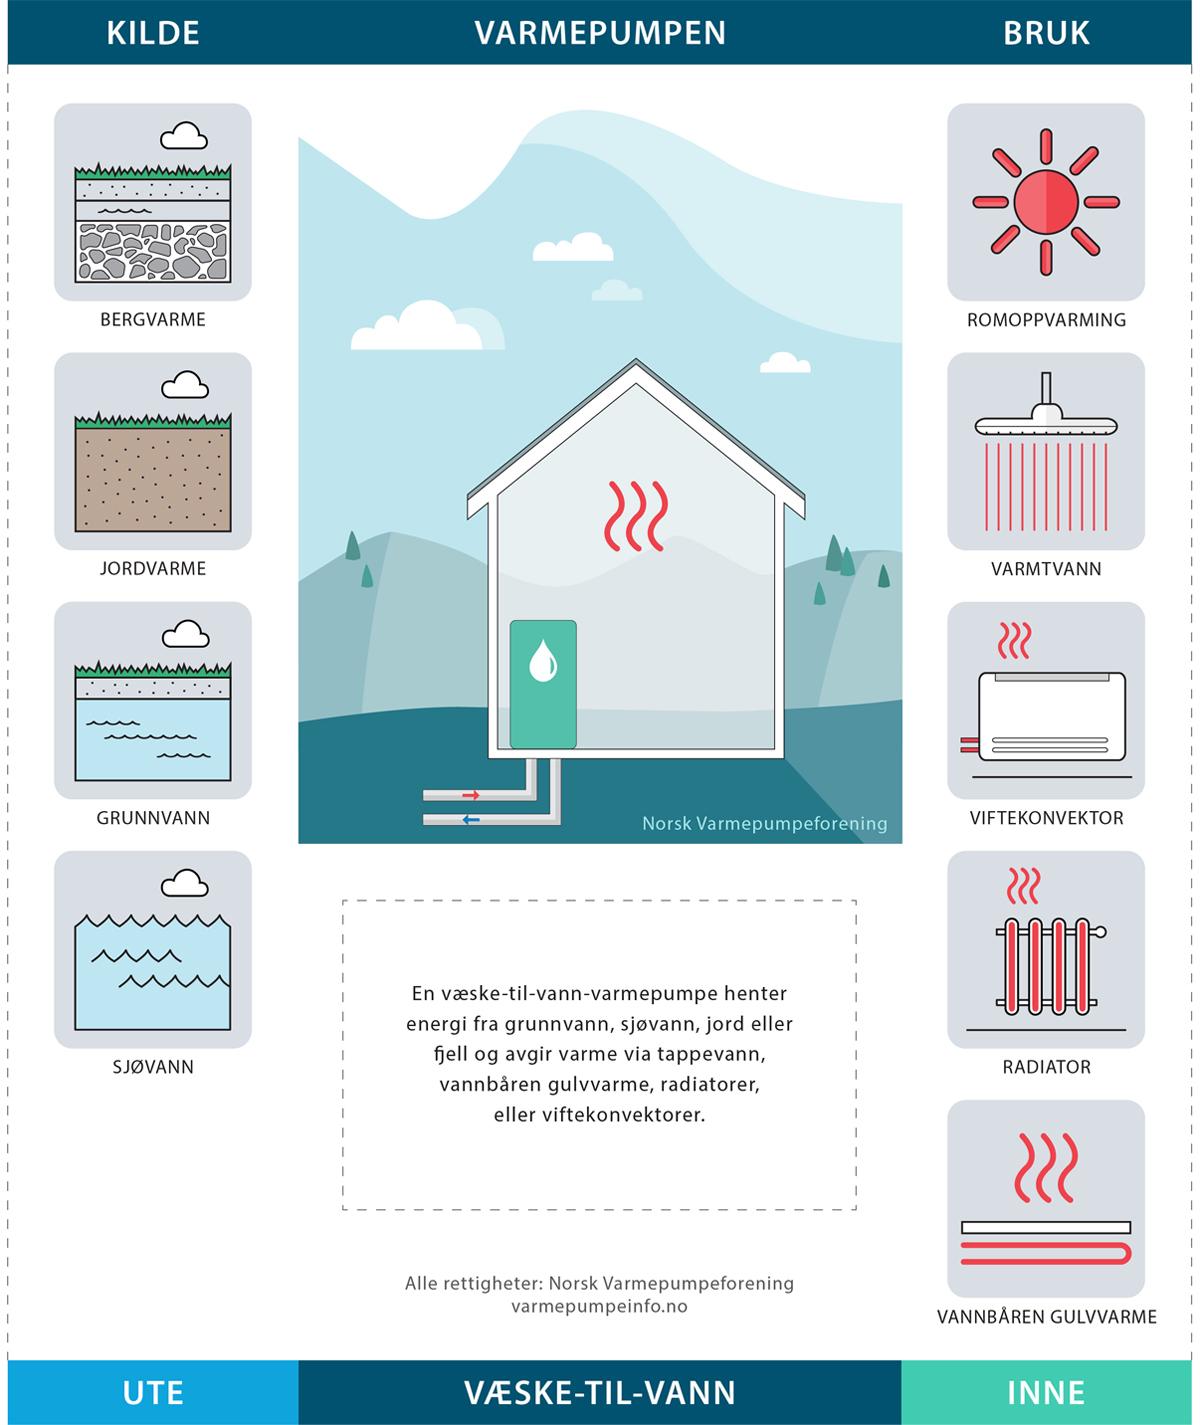 Illustrasjon av veske-til-vann-varmepumpe